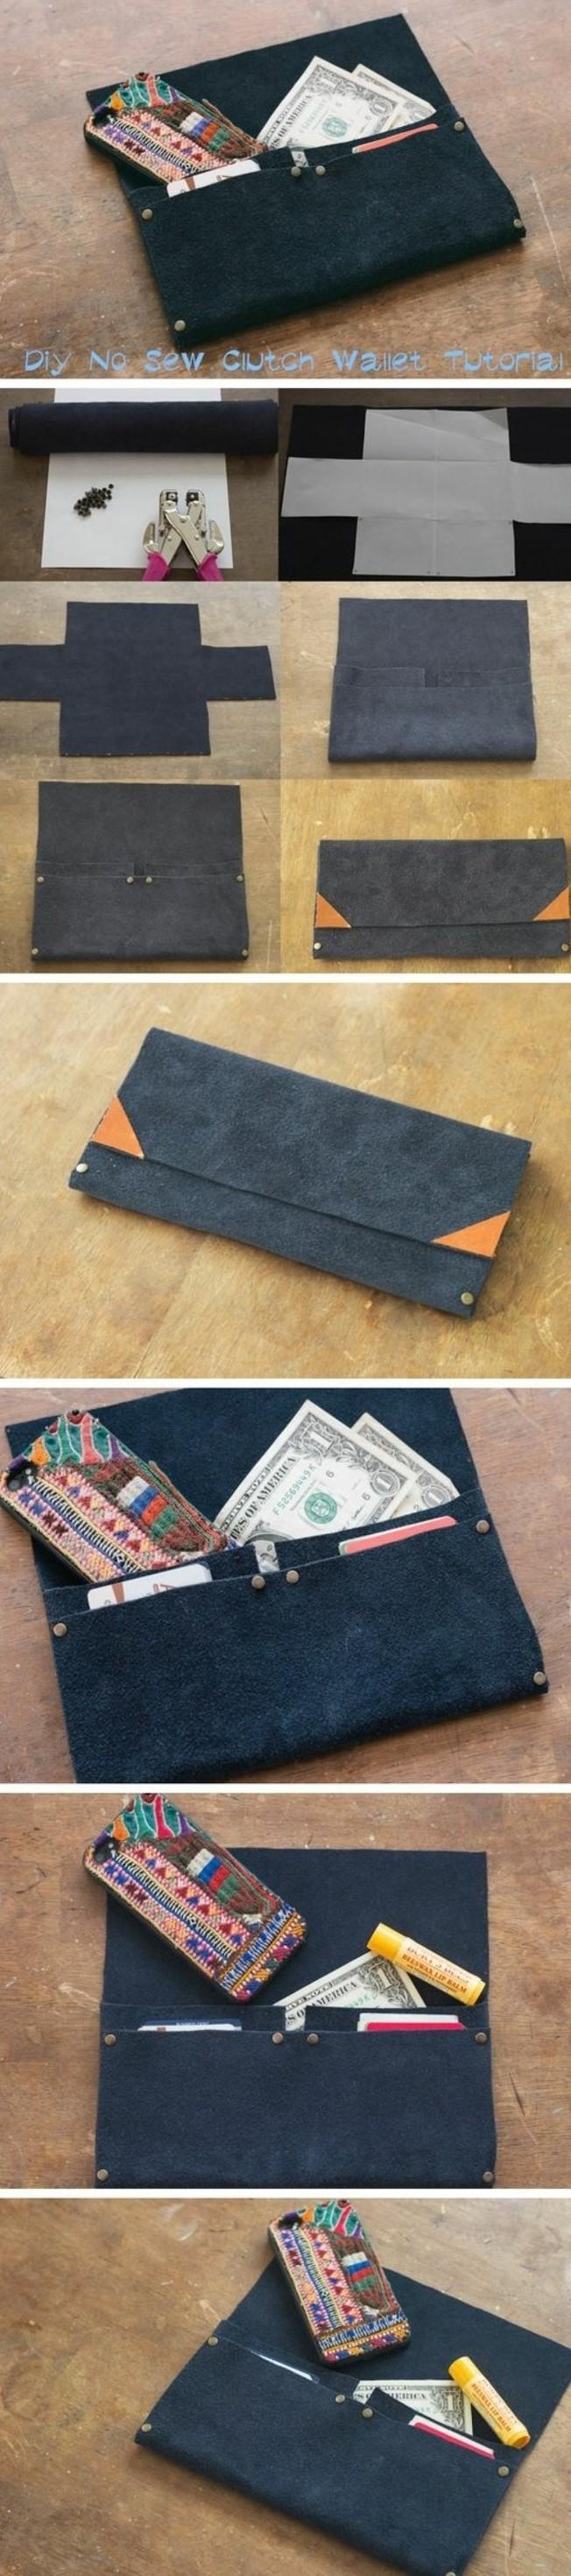 tuto-pochette-un-porte-monnaie-diy-avec-de-différents-compartiments-exemple-de-pochette-a-faire-sans-coudre-rangement-argent-maquillage-petits-trucs